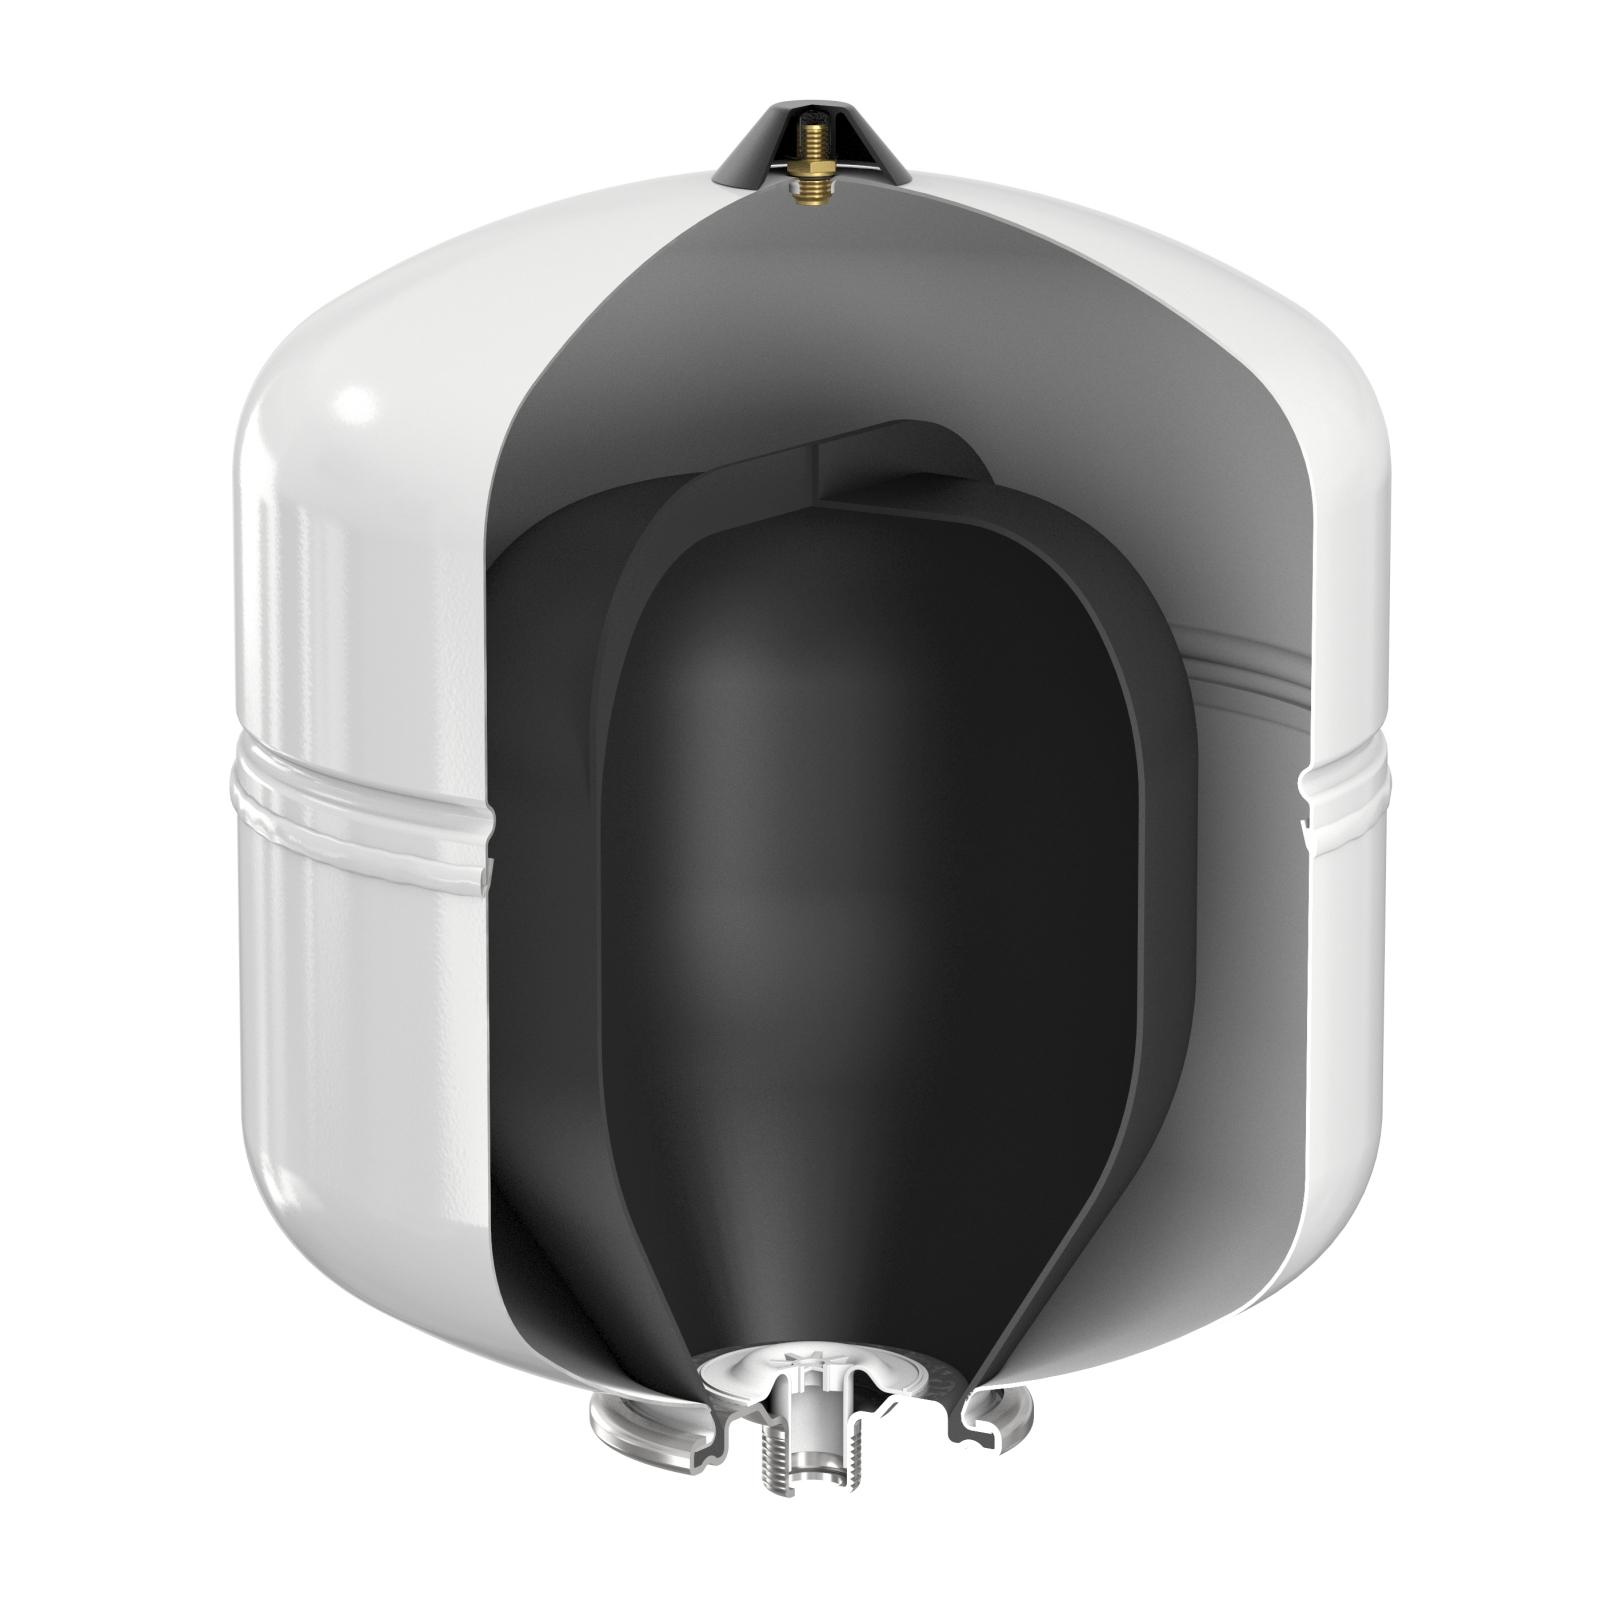 Flamco Flofix 35 Ivóvizes tágulási tartály lábakkal 35 literes 10 bar (25294) robbantott ábra